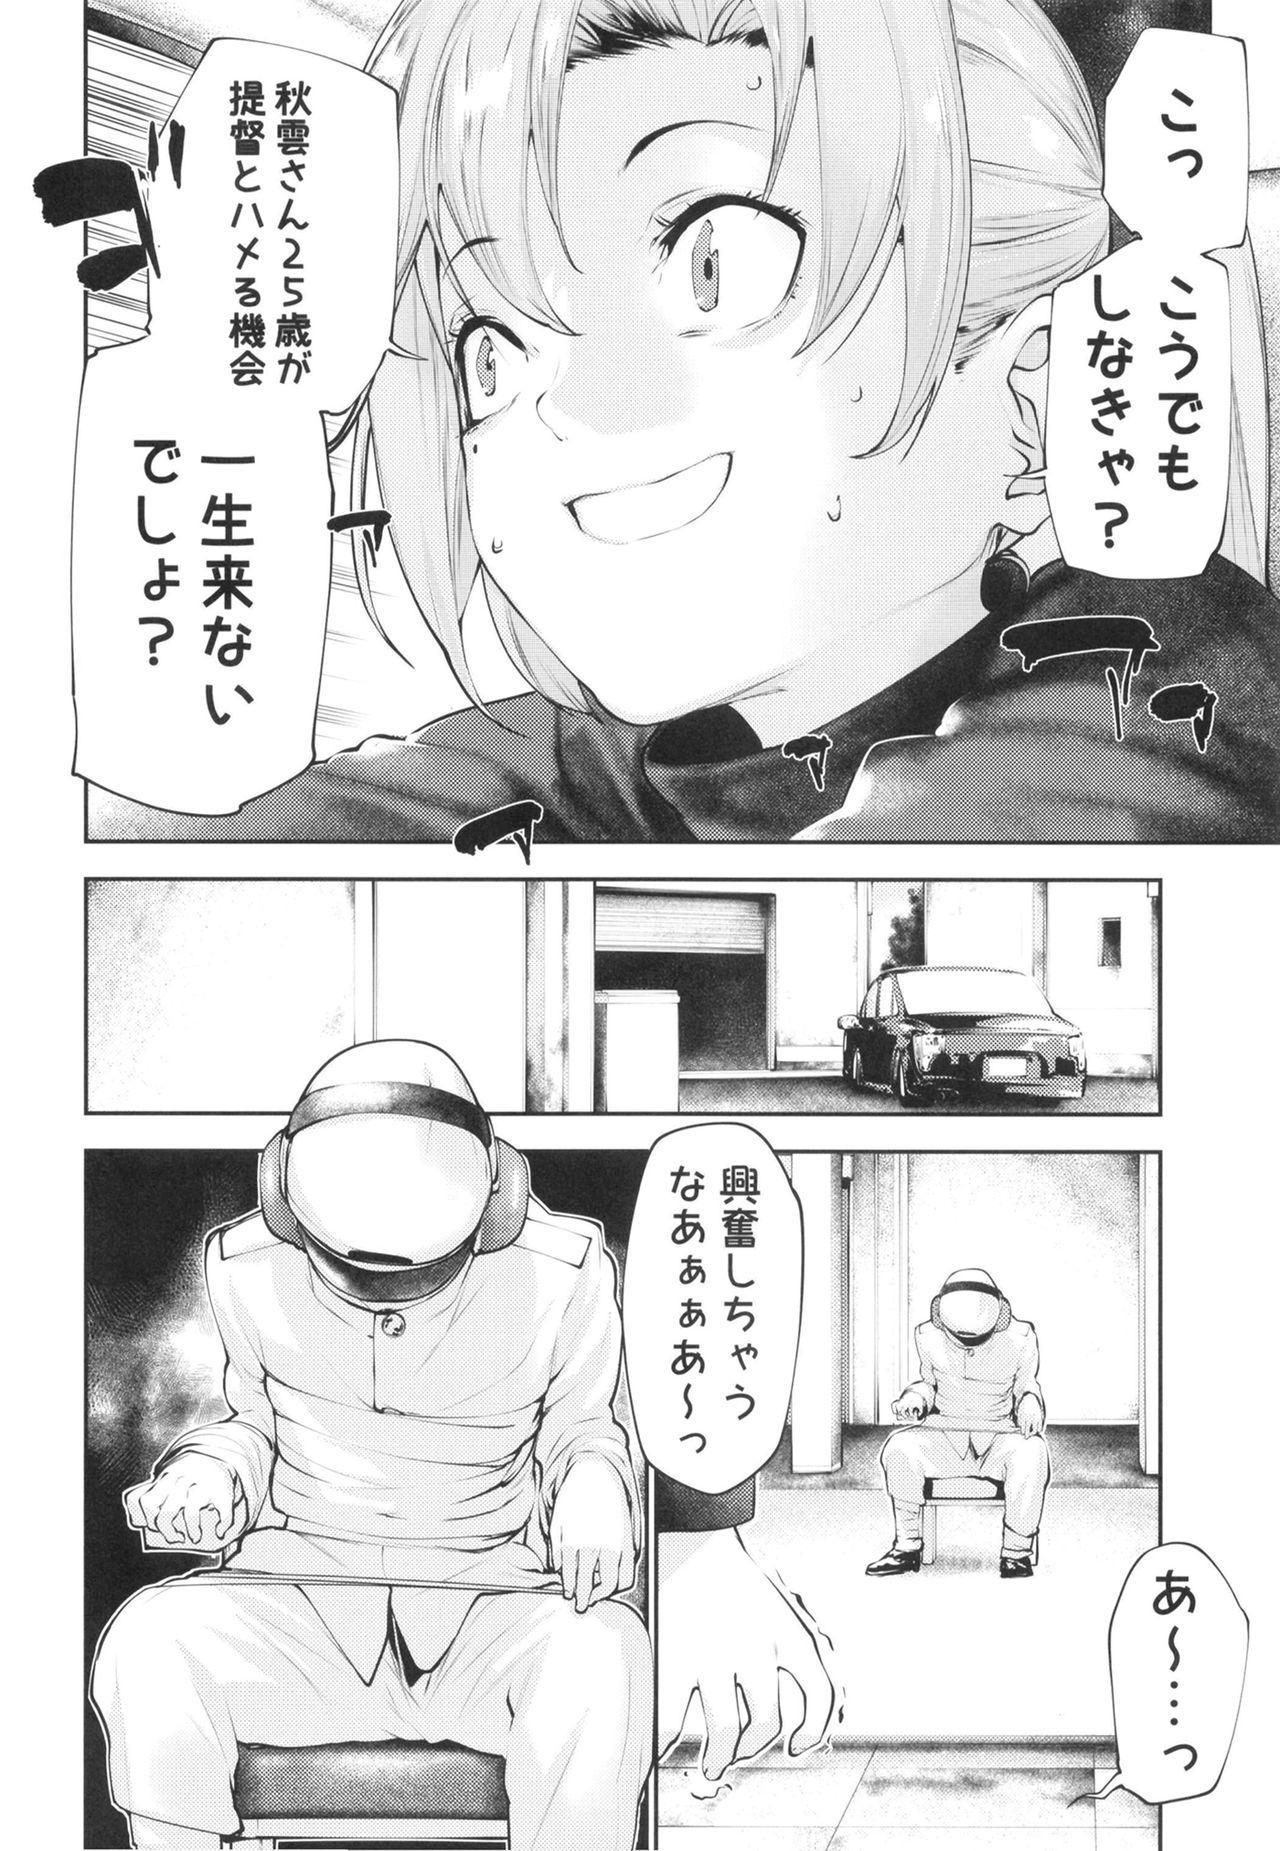 [kitsunenotera (bouko)] Kou demo Shinakya Akigumo-san 25-sai ga Teitoku to Hameru Kikai Isshou Konai desho (Kantai Collection -KanColle-) [Digital] 5